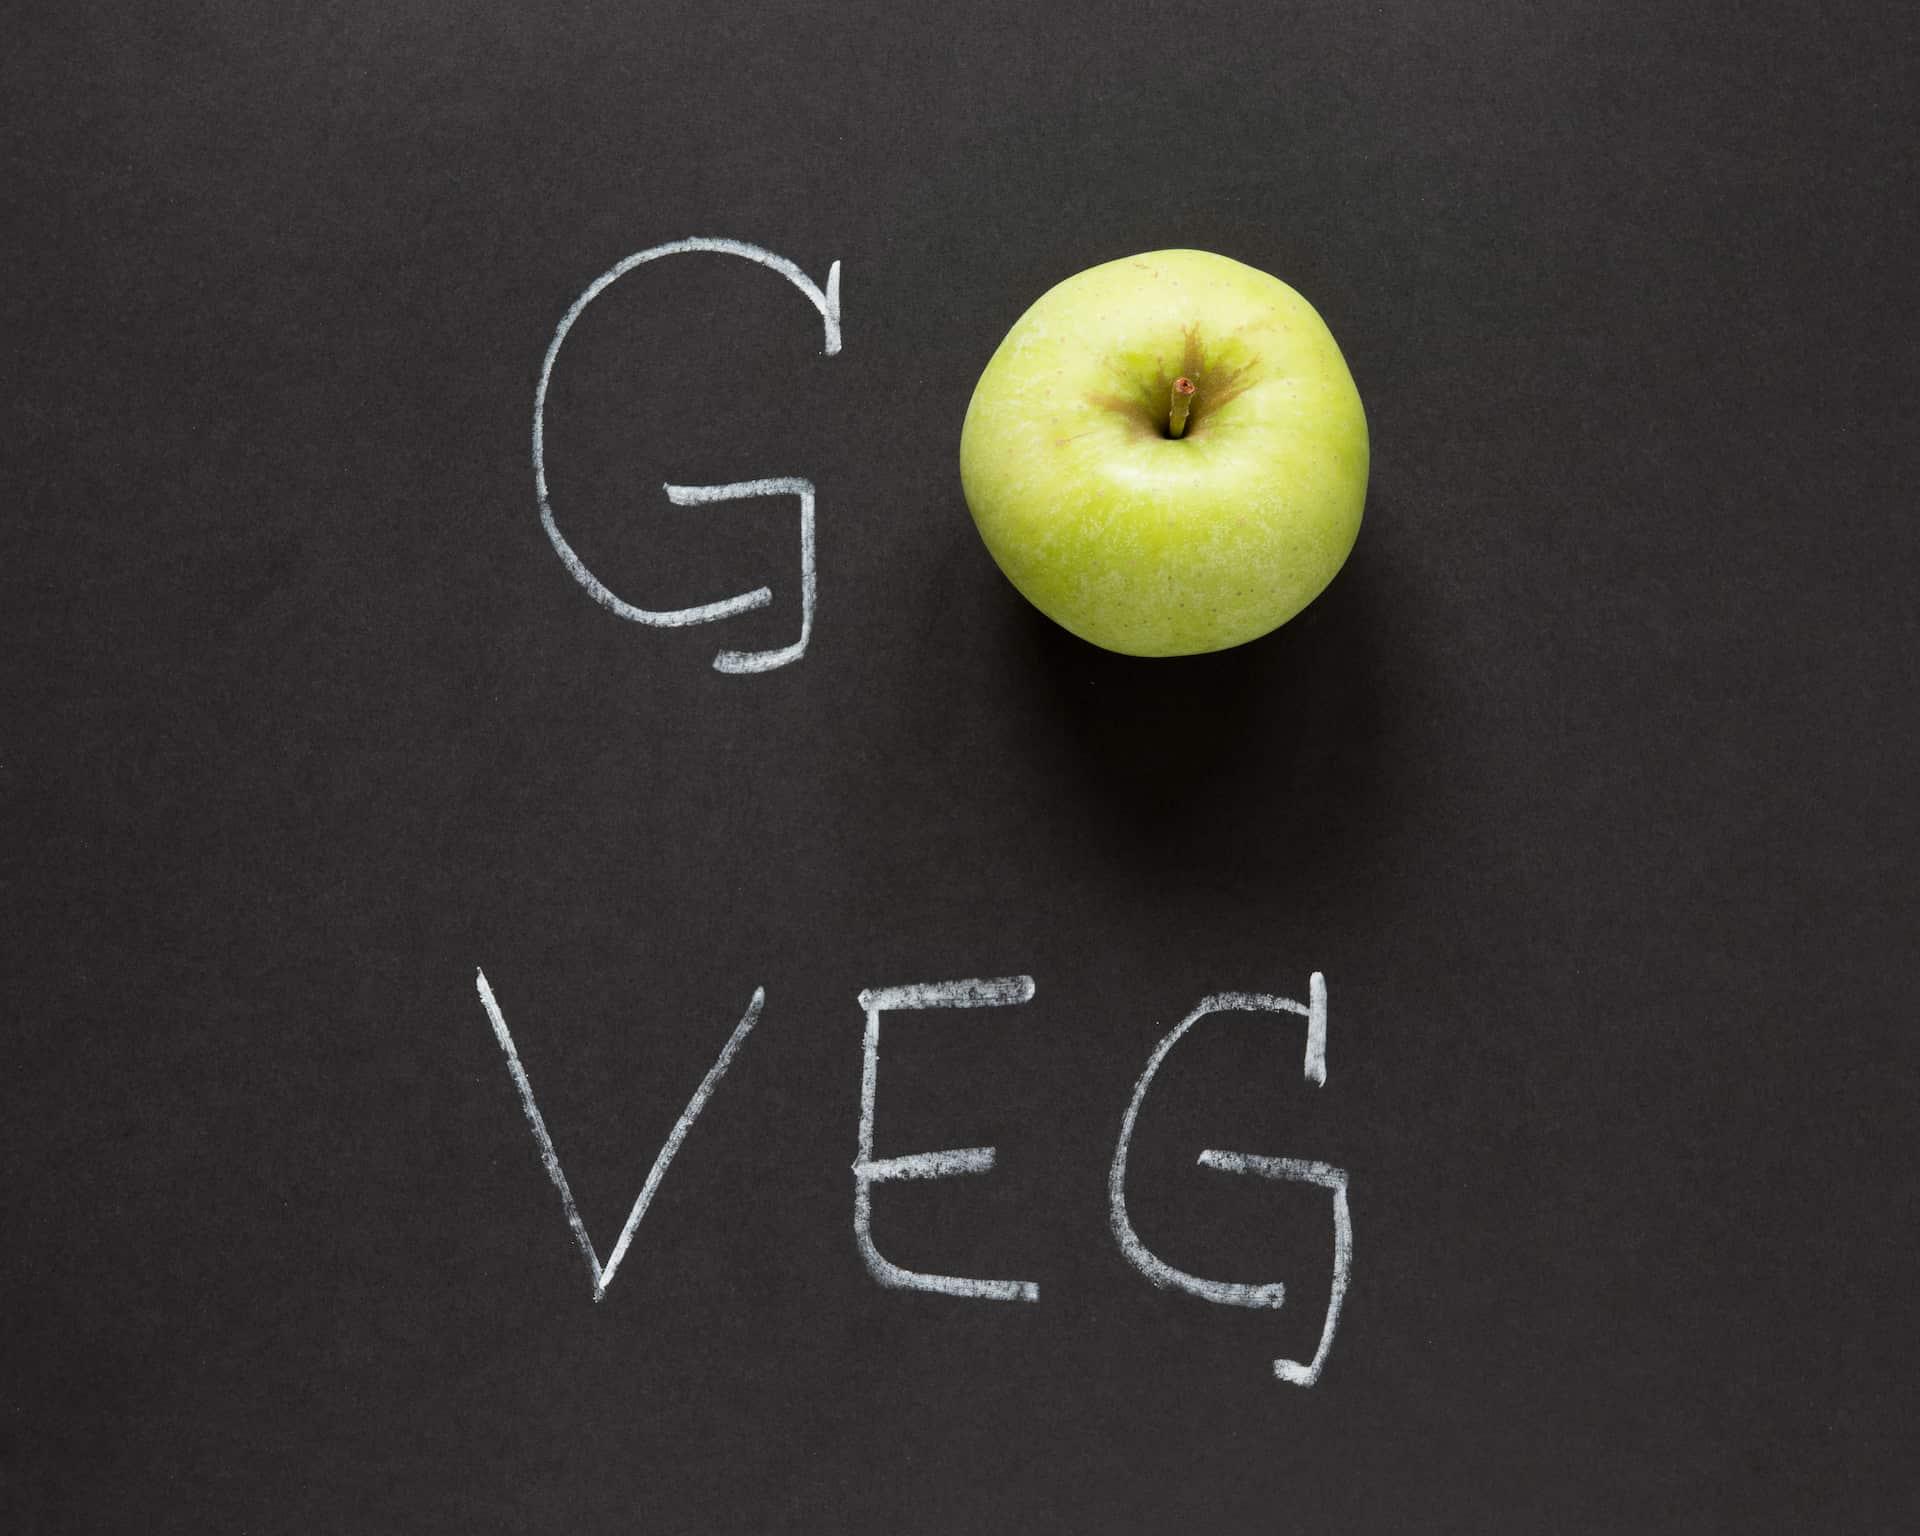 GoVege - Napis promujący wegetarianizm